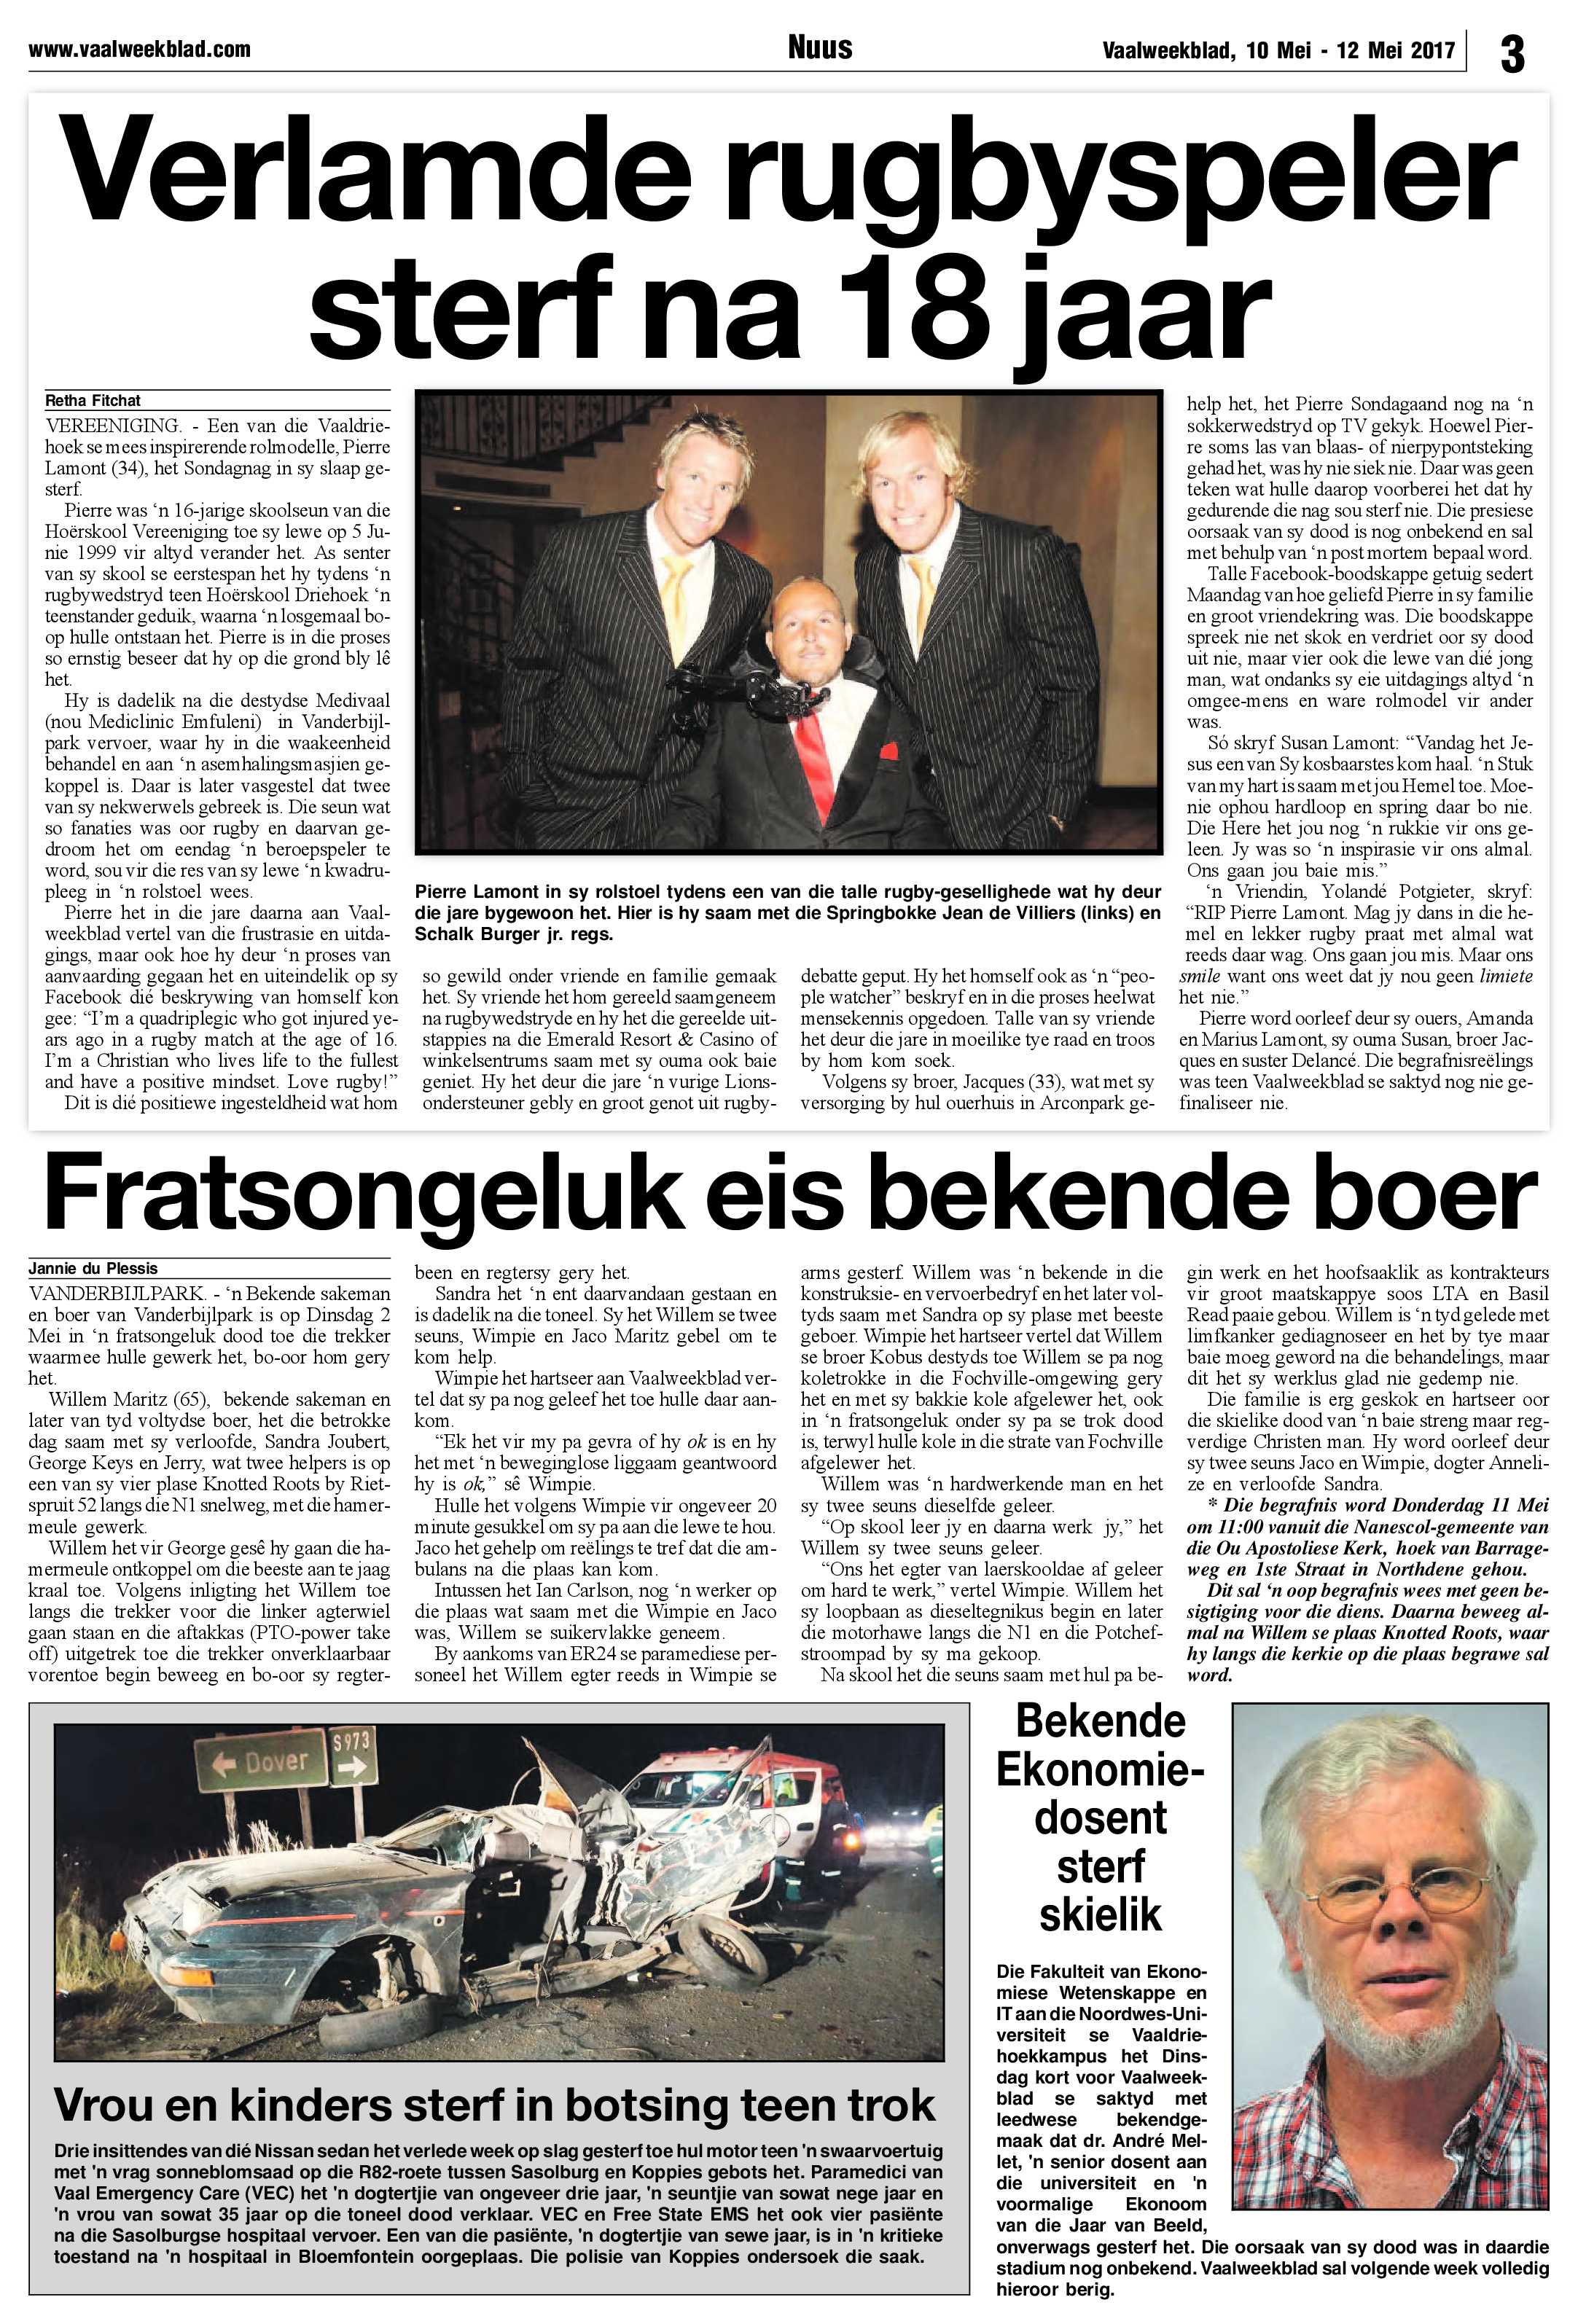 vaalweekblad-10-12-mei-2017-epapers-page-3